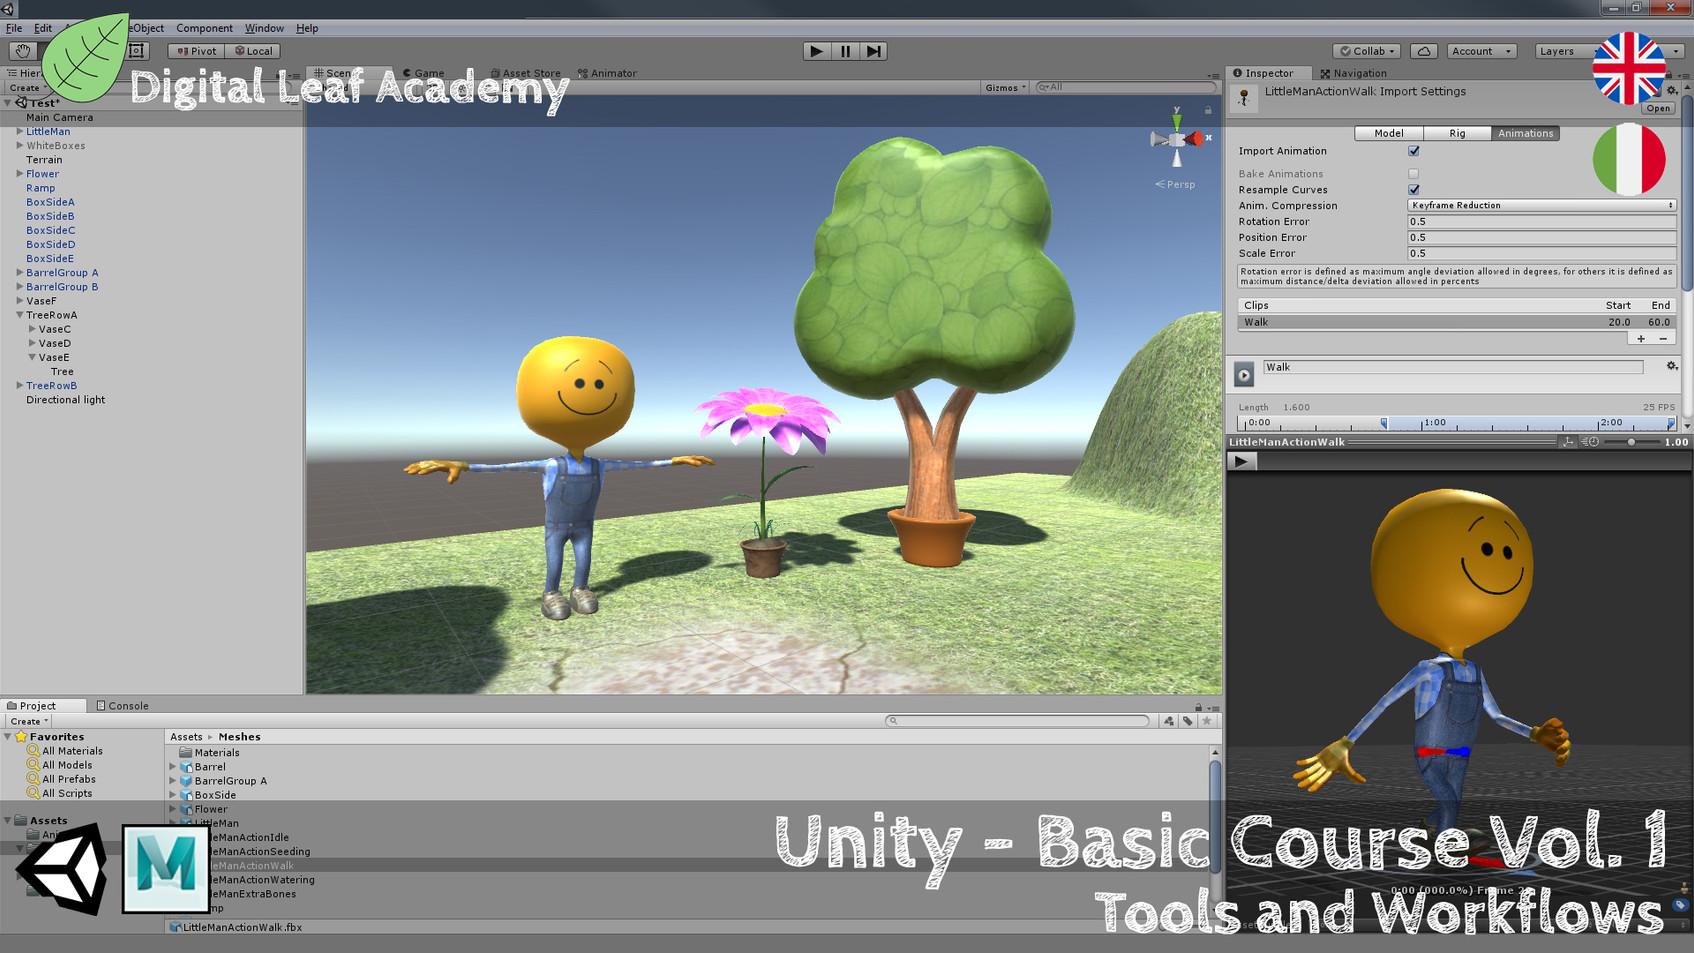 Unity - Basics